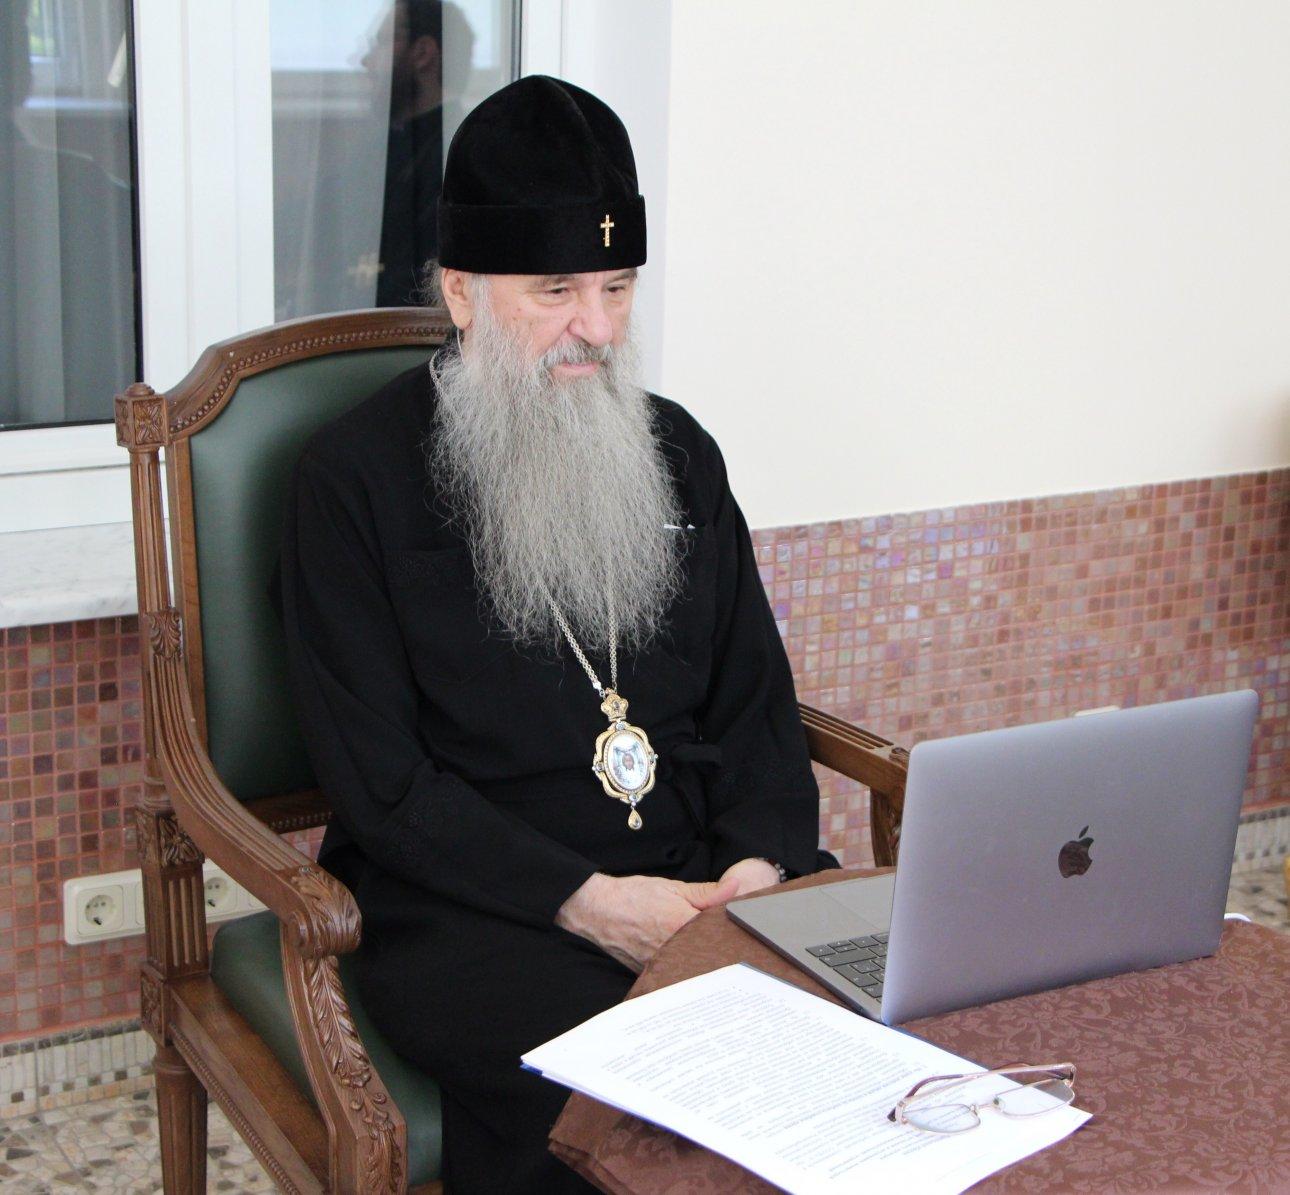 Митрополит Варсонофий принял участие в видеоконференции с участием глав конфессий